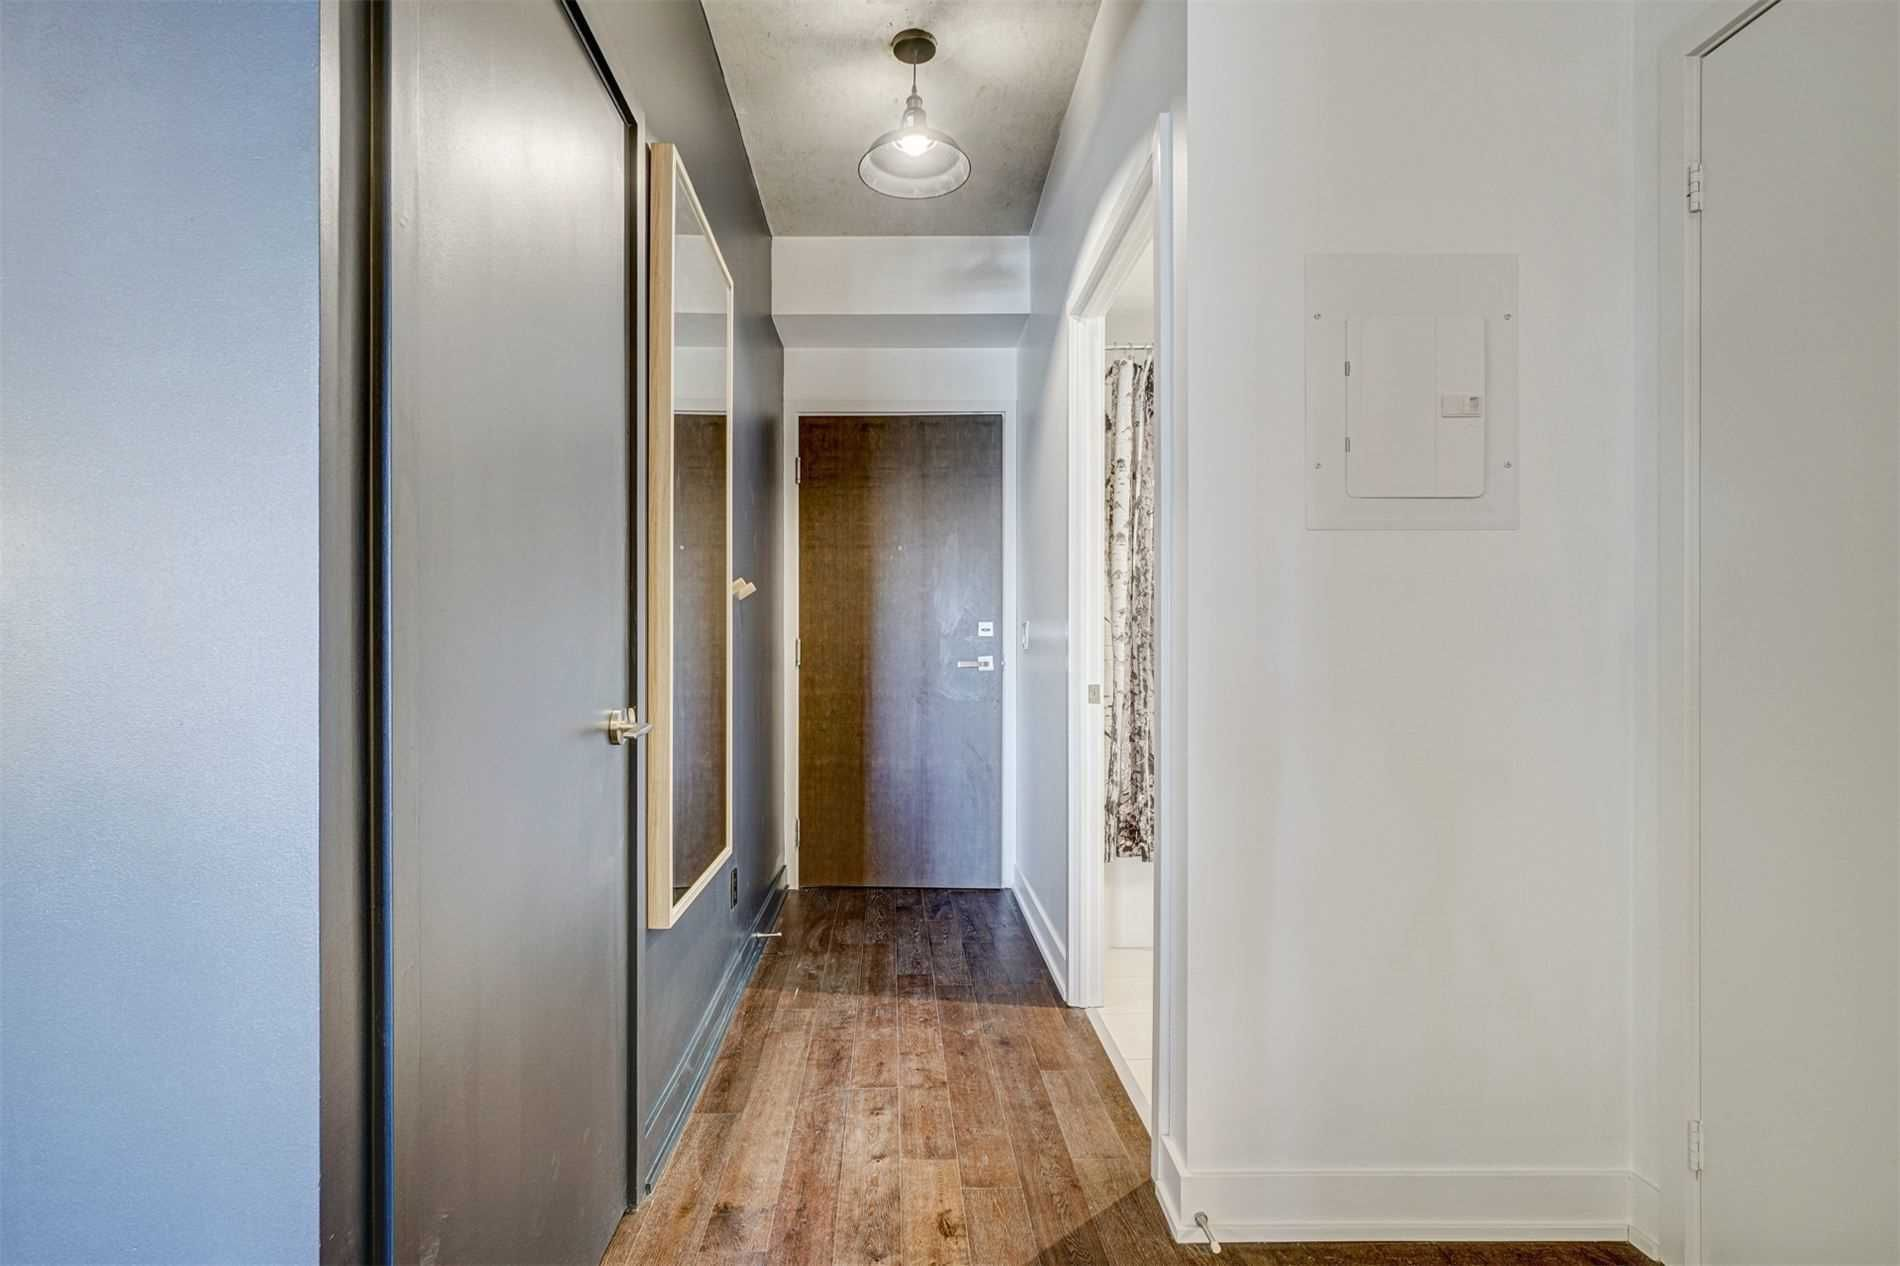 Photo 16: Photos: 722 1190 E Dundas Street in Toronto: South Riverdale Condo for sale (Toronto E01)  : MLS®# E5144551